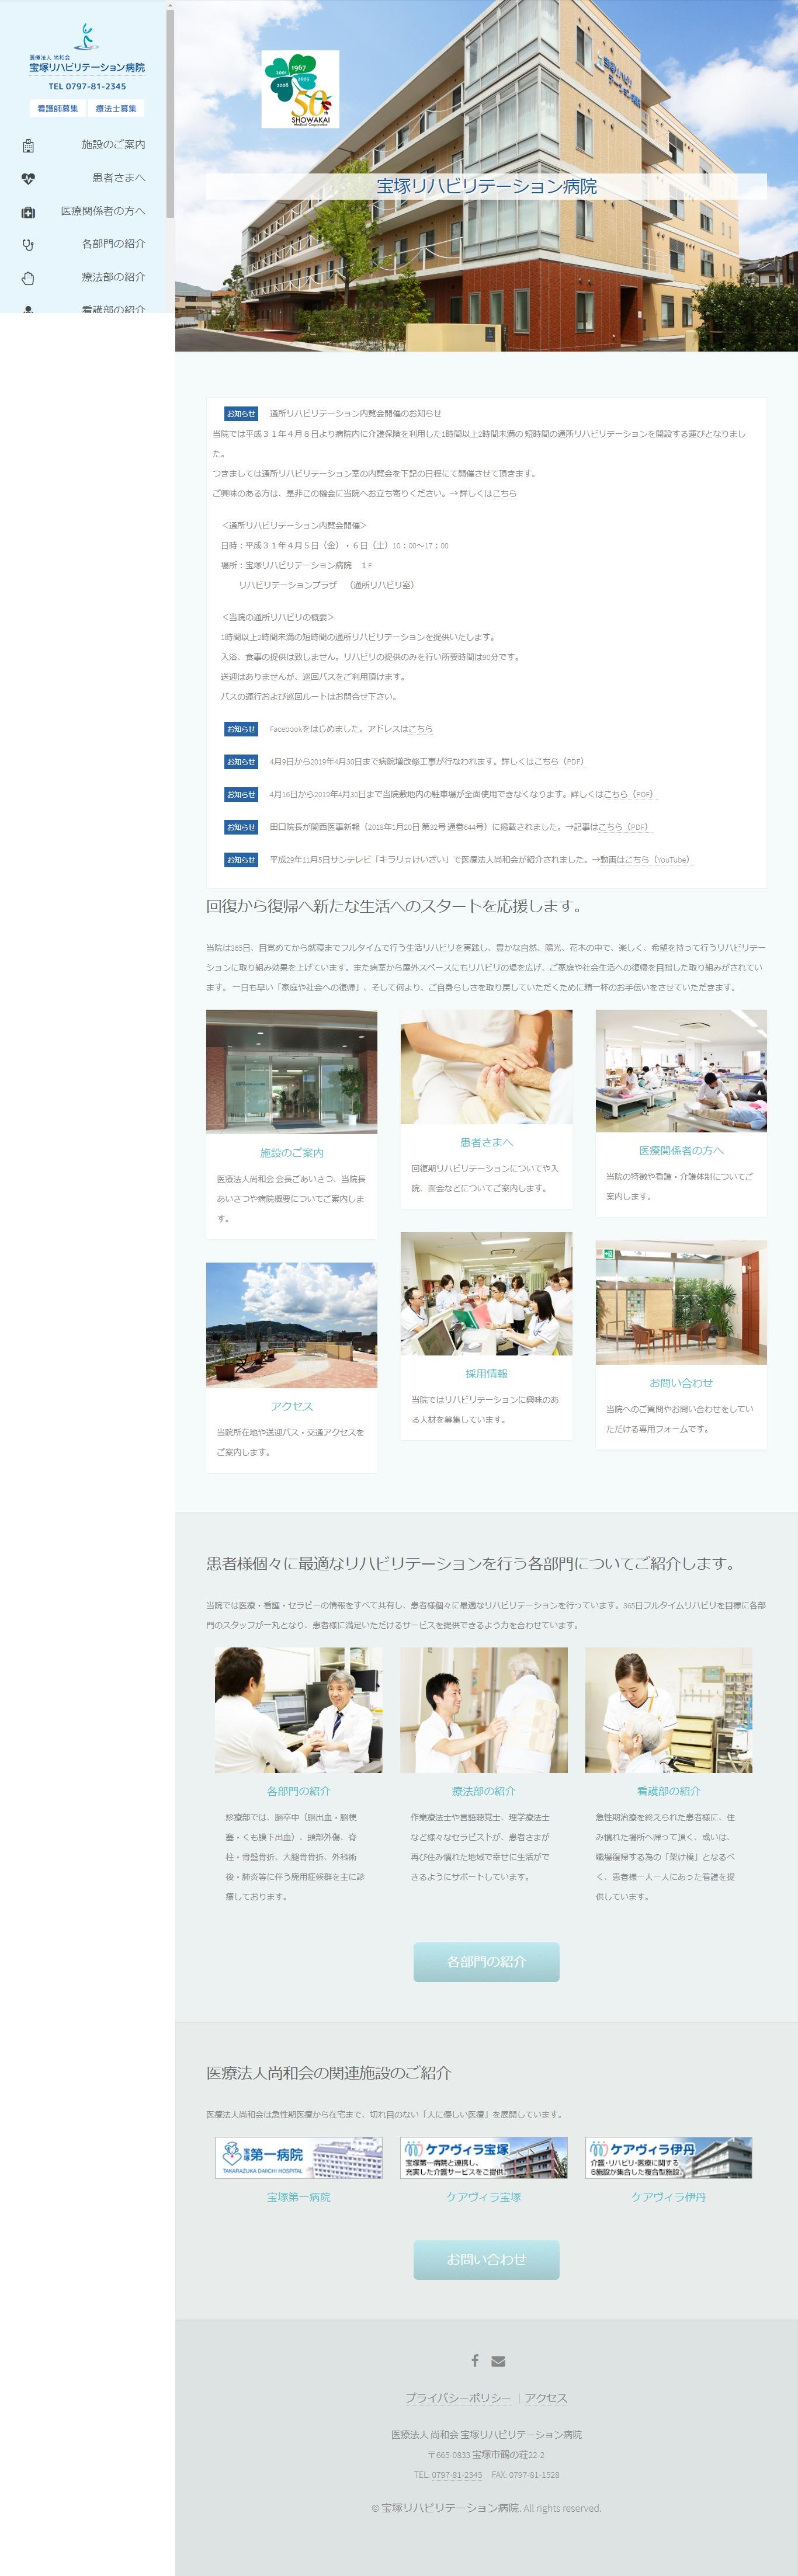 2000年4月作成「宝塚リハビリテーション病院」病院サイト